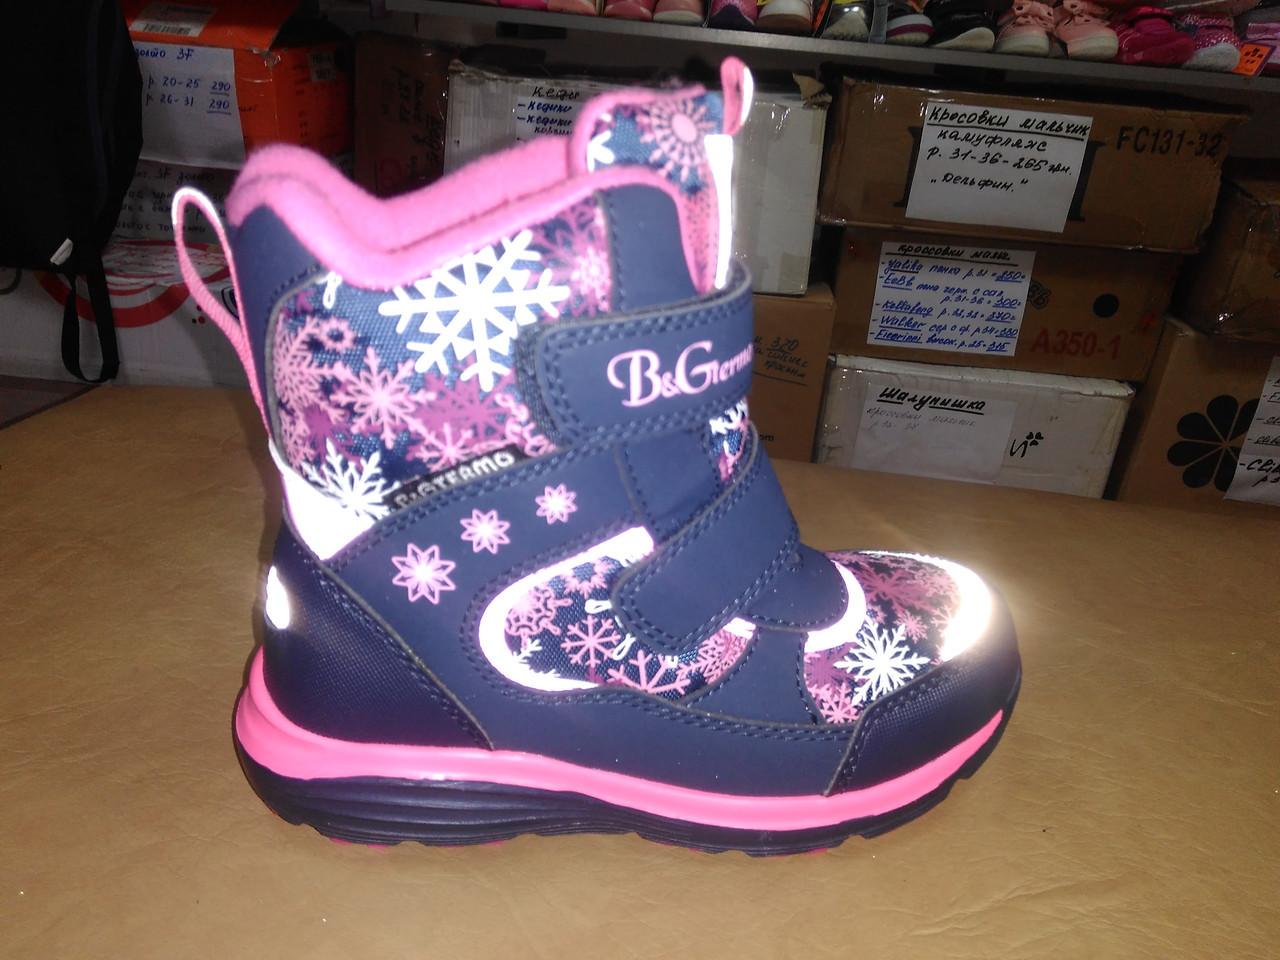 9fd8efb29903c8 Зимние теплые сапожки 27-32 р. B&G на девочку, биджи, би-джи, сапоги,  ботинки, термо, зимові